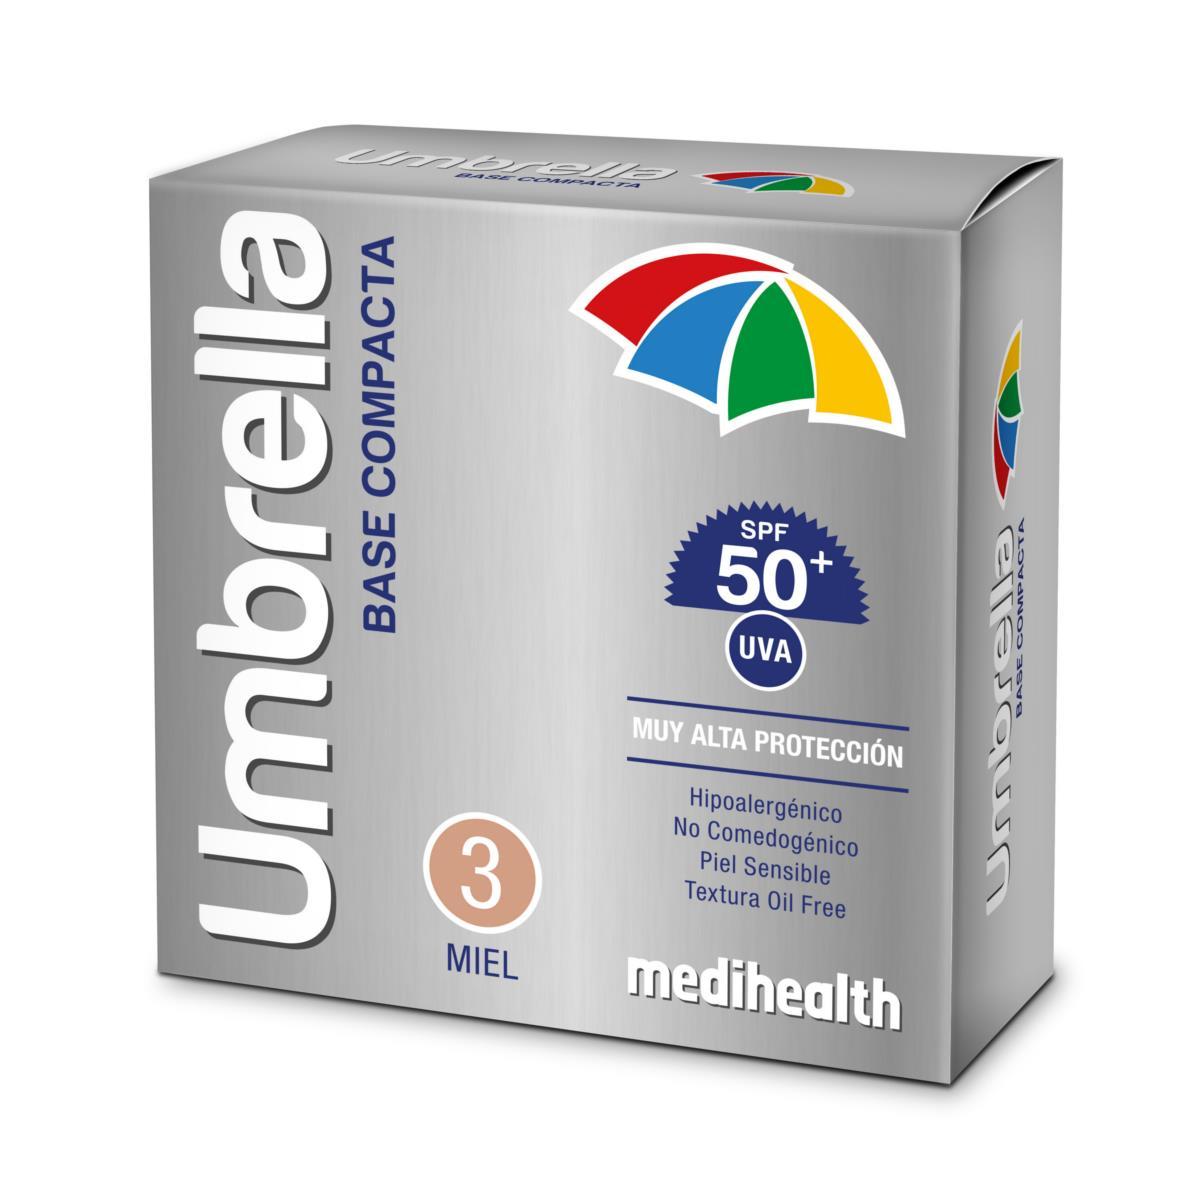 Comprar Umbrella Bc Miel 11G